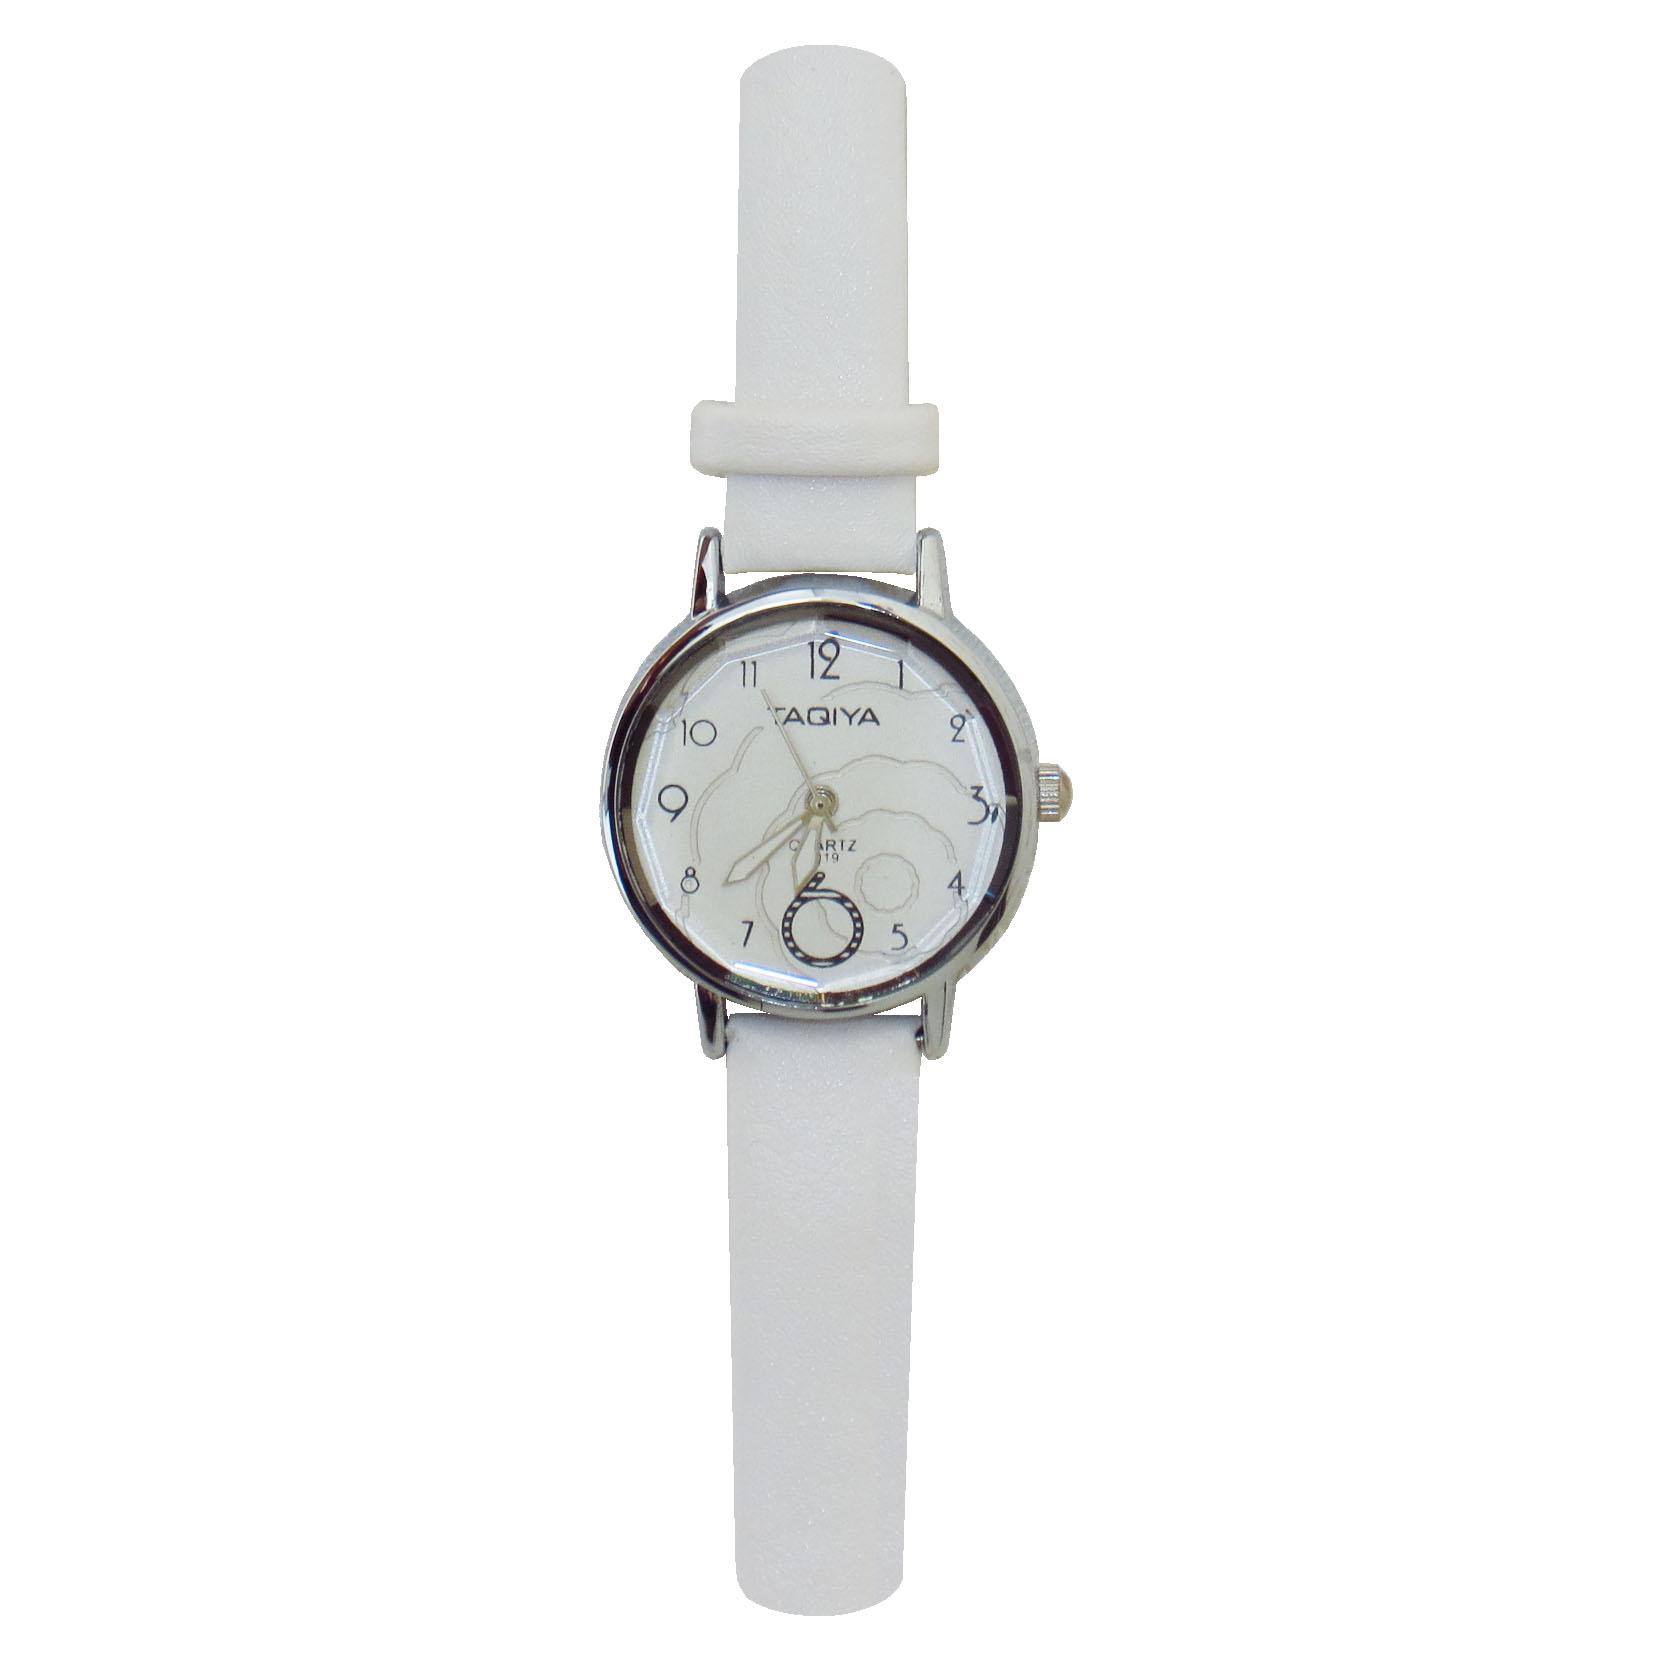 خرید و قیمت                       ساعت مچی  زنانه تاکیا کد 1019